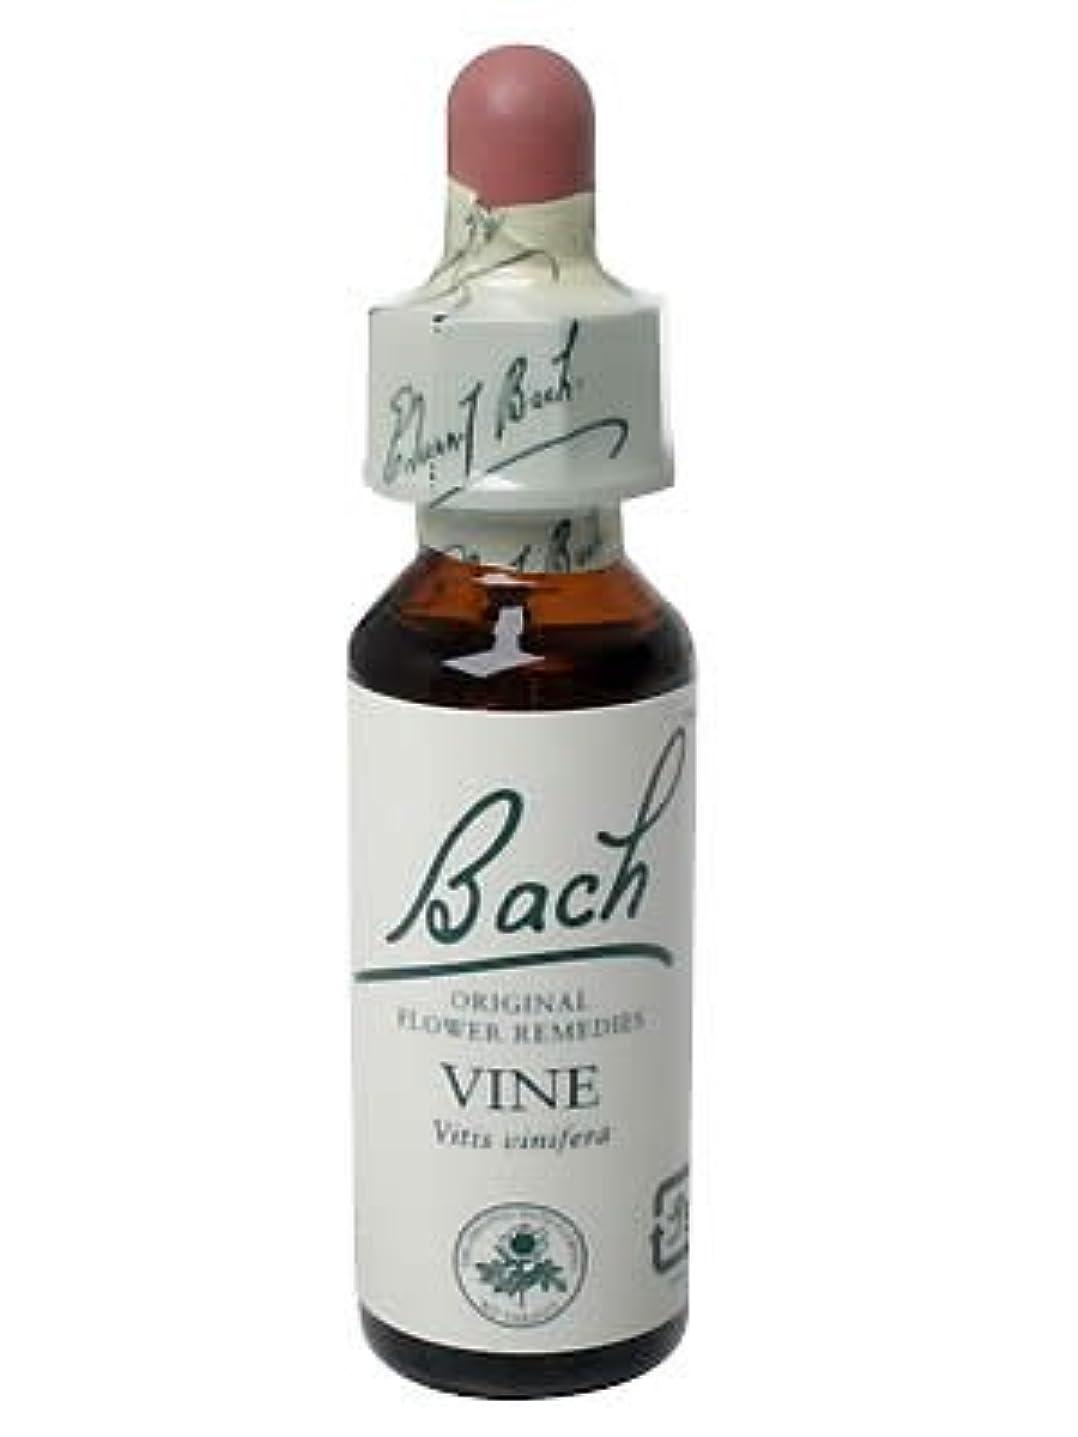 整然としたメニュー治療バッチフラワーレメディ バイン(VINE)